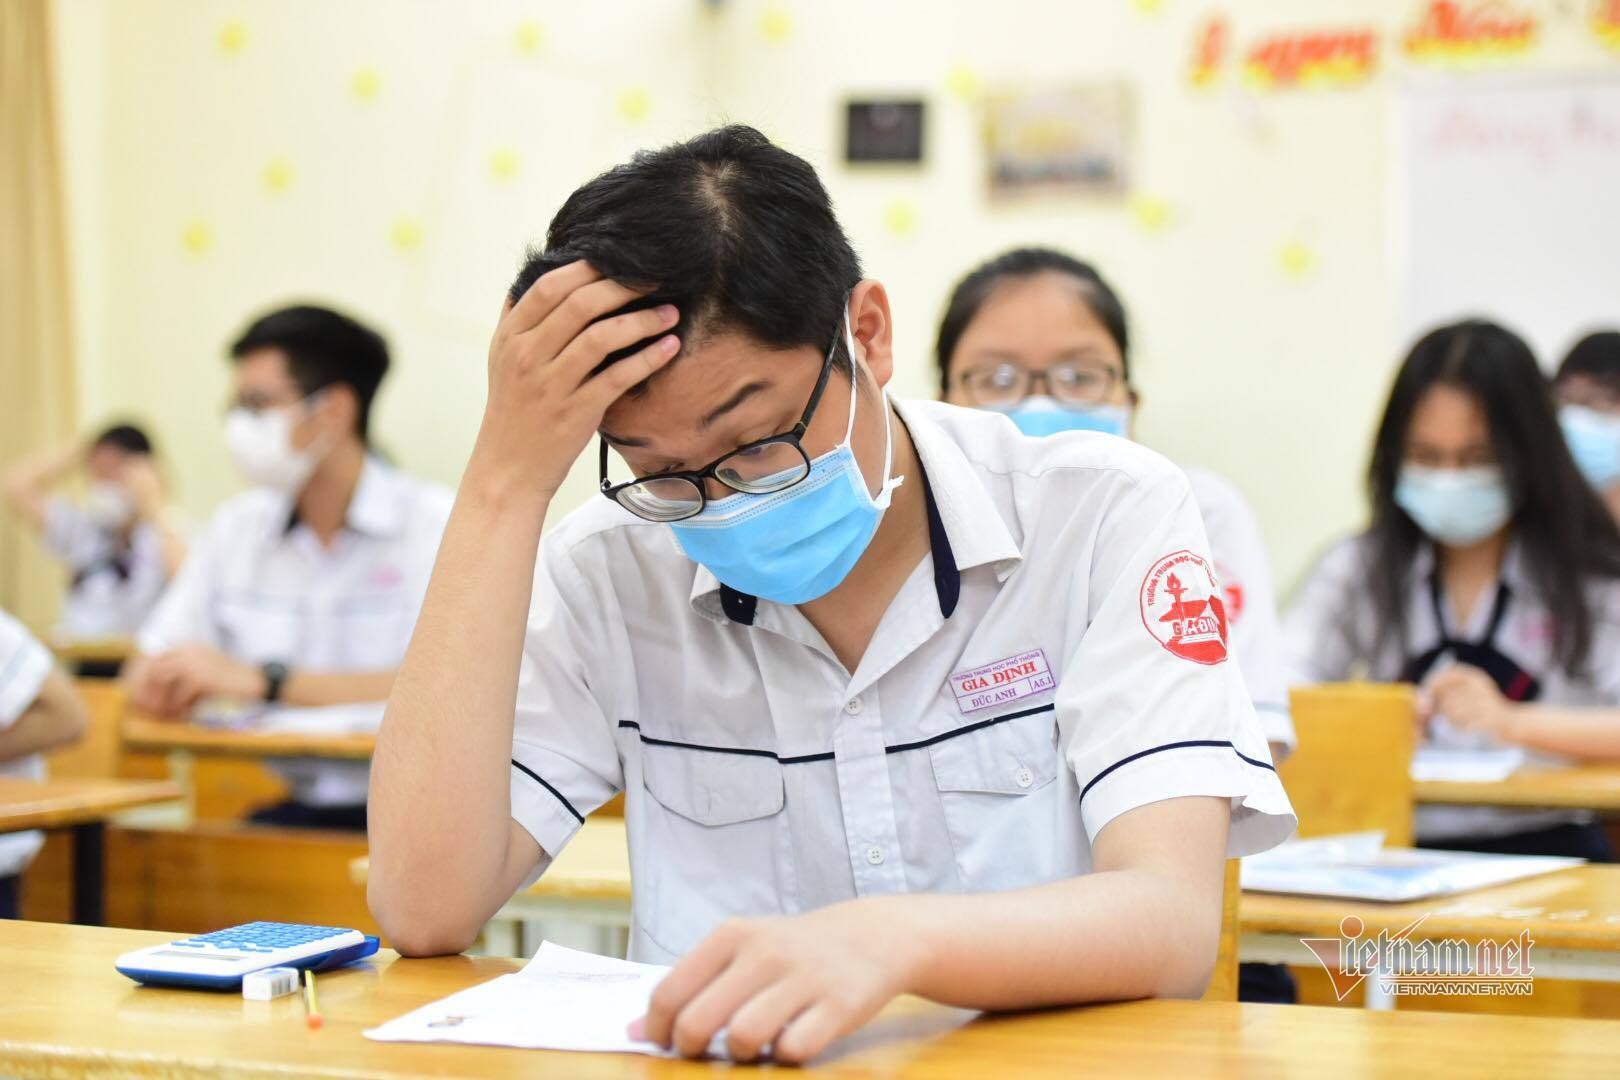 Sĩ tử hoàn thành bài thi cuối cùng của kỳ thi tốt nghiệp 'chưa từng có'